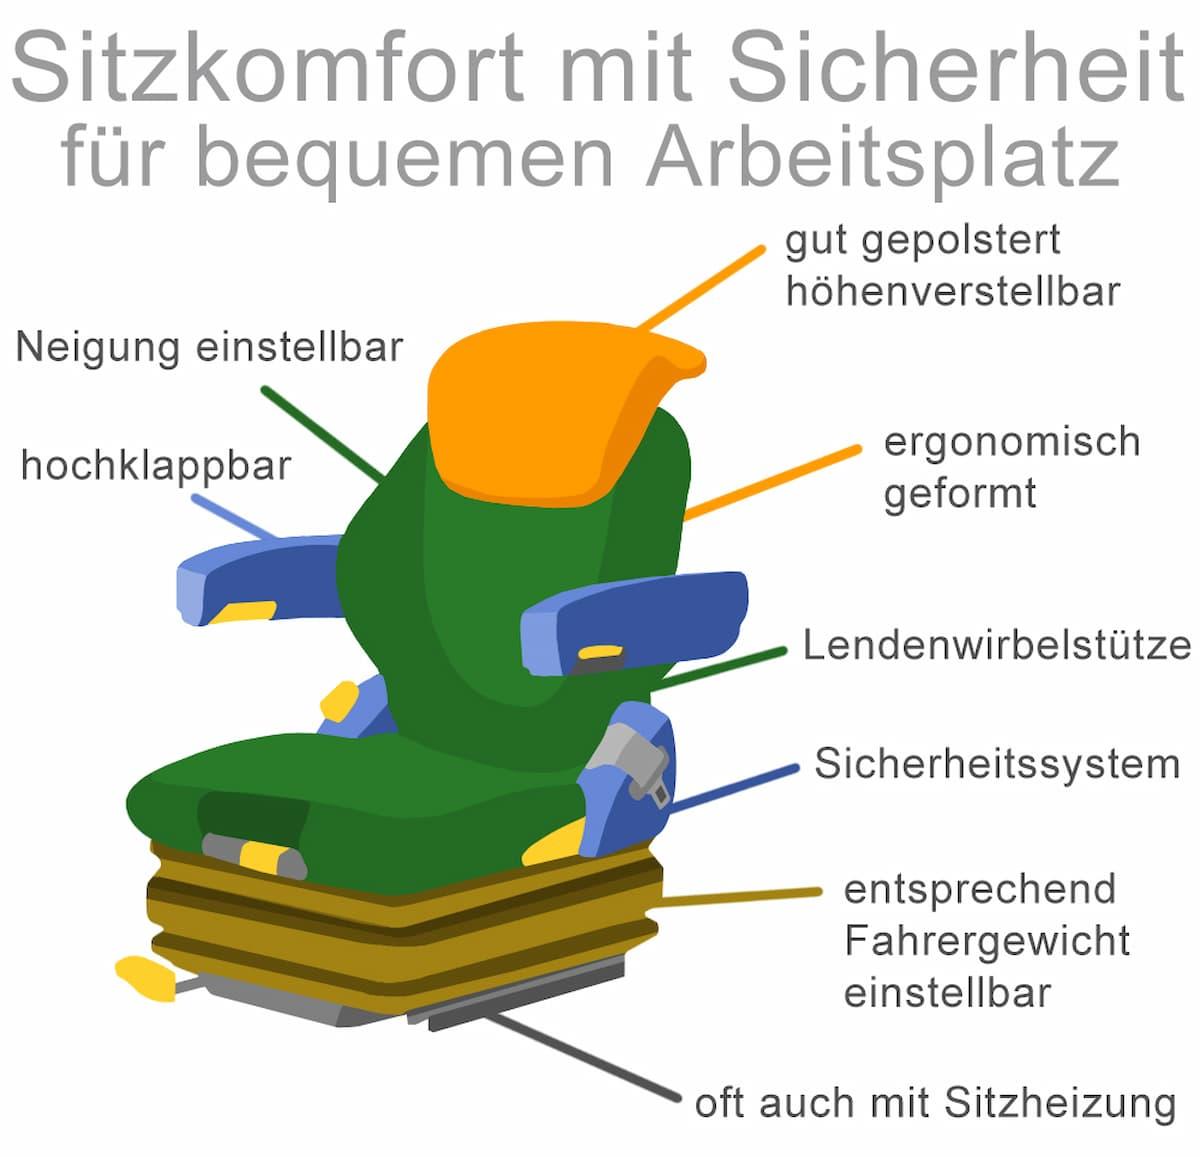 Staplersitz: Sicherheit und Konfort vereint